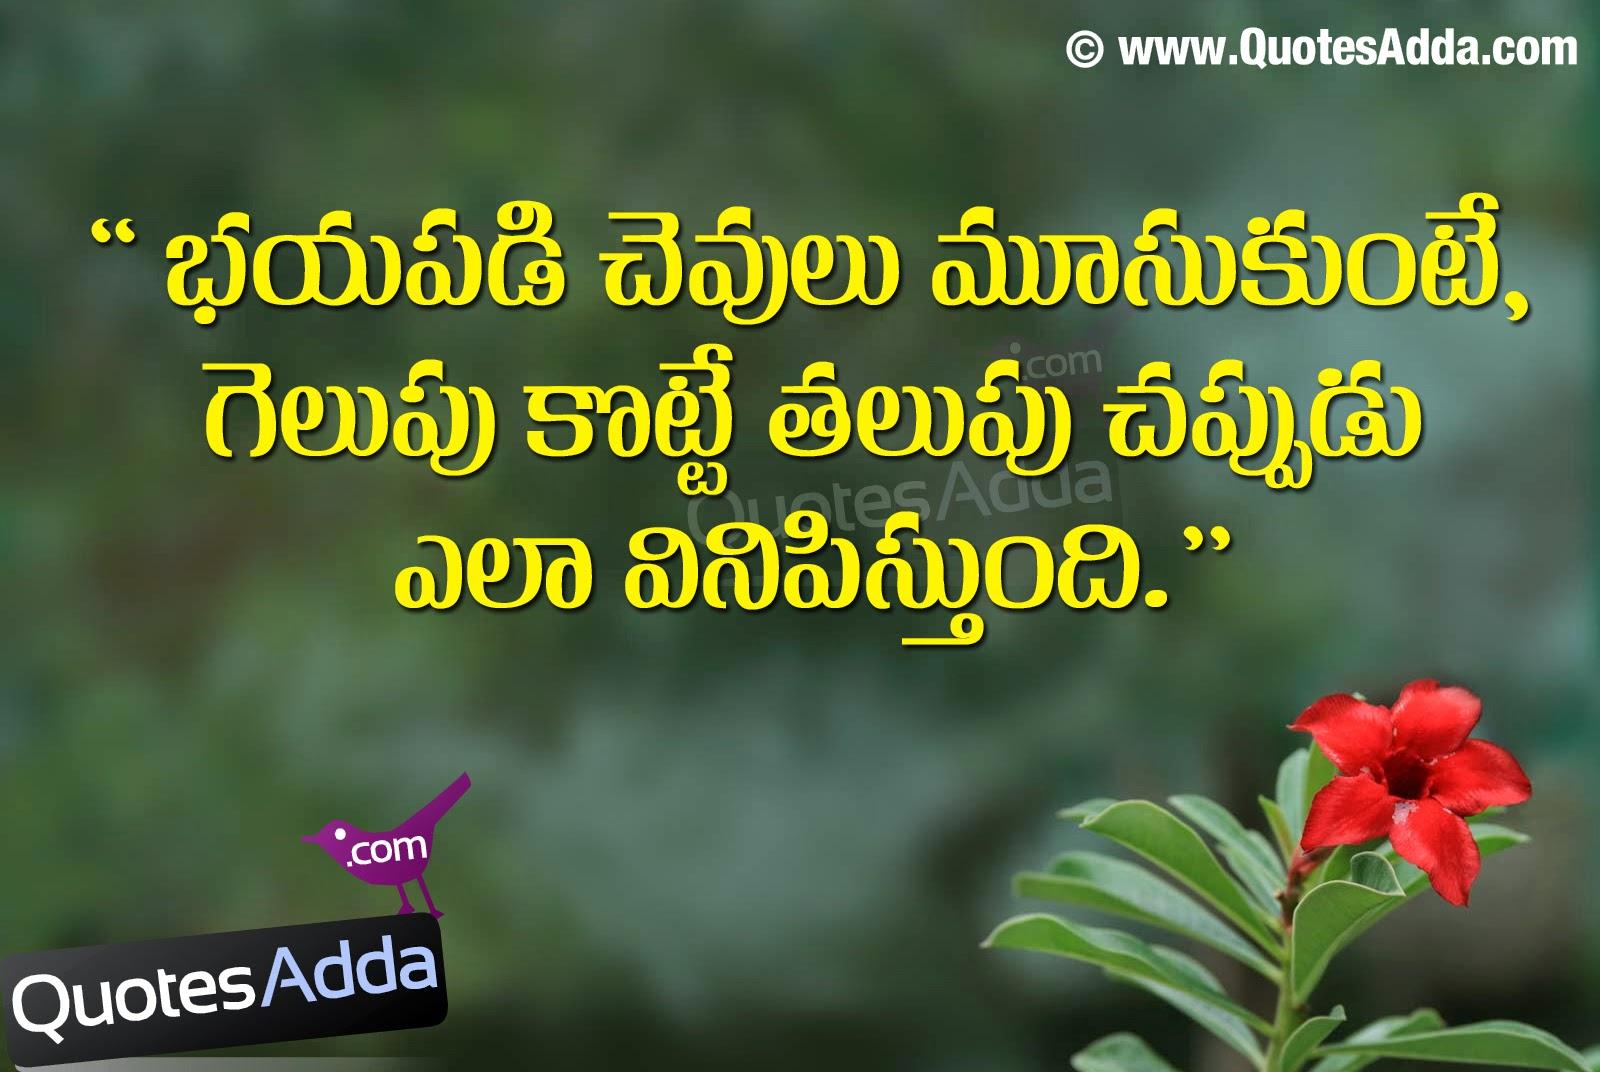 telugu quotes on success quotesgram. telugu quotes on ...